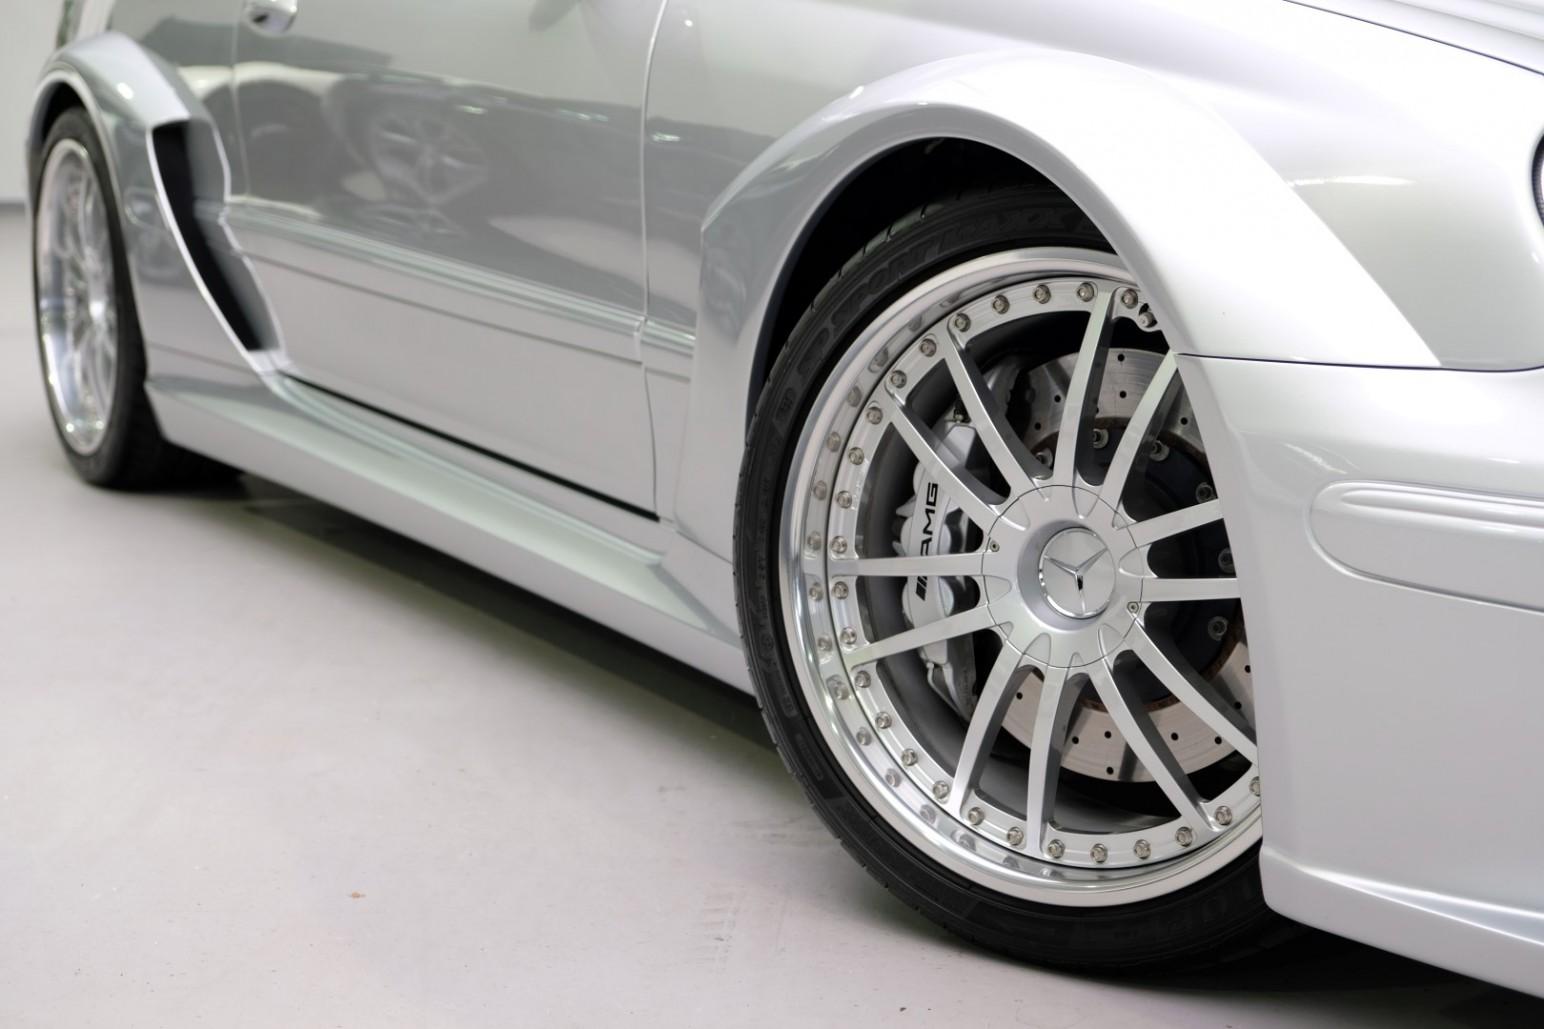 mercedes-clk-dtm-amg-cabrio-used-3.jpg